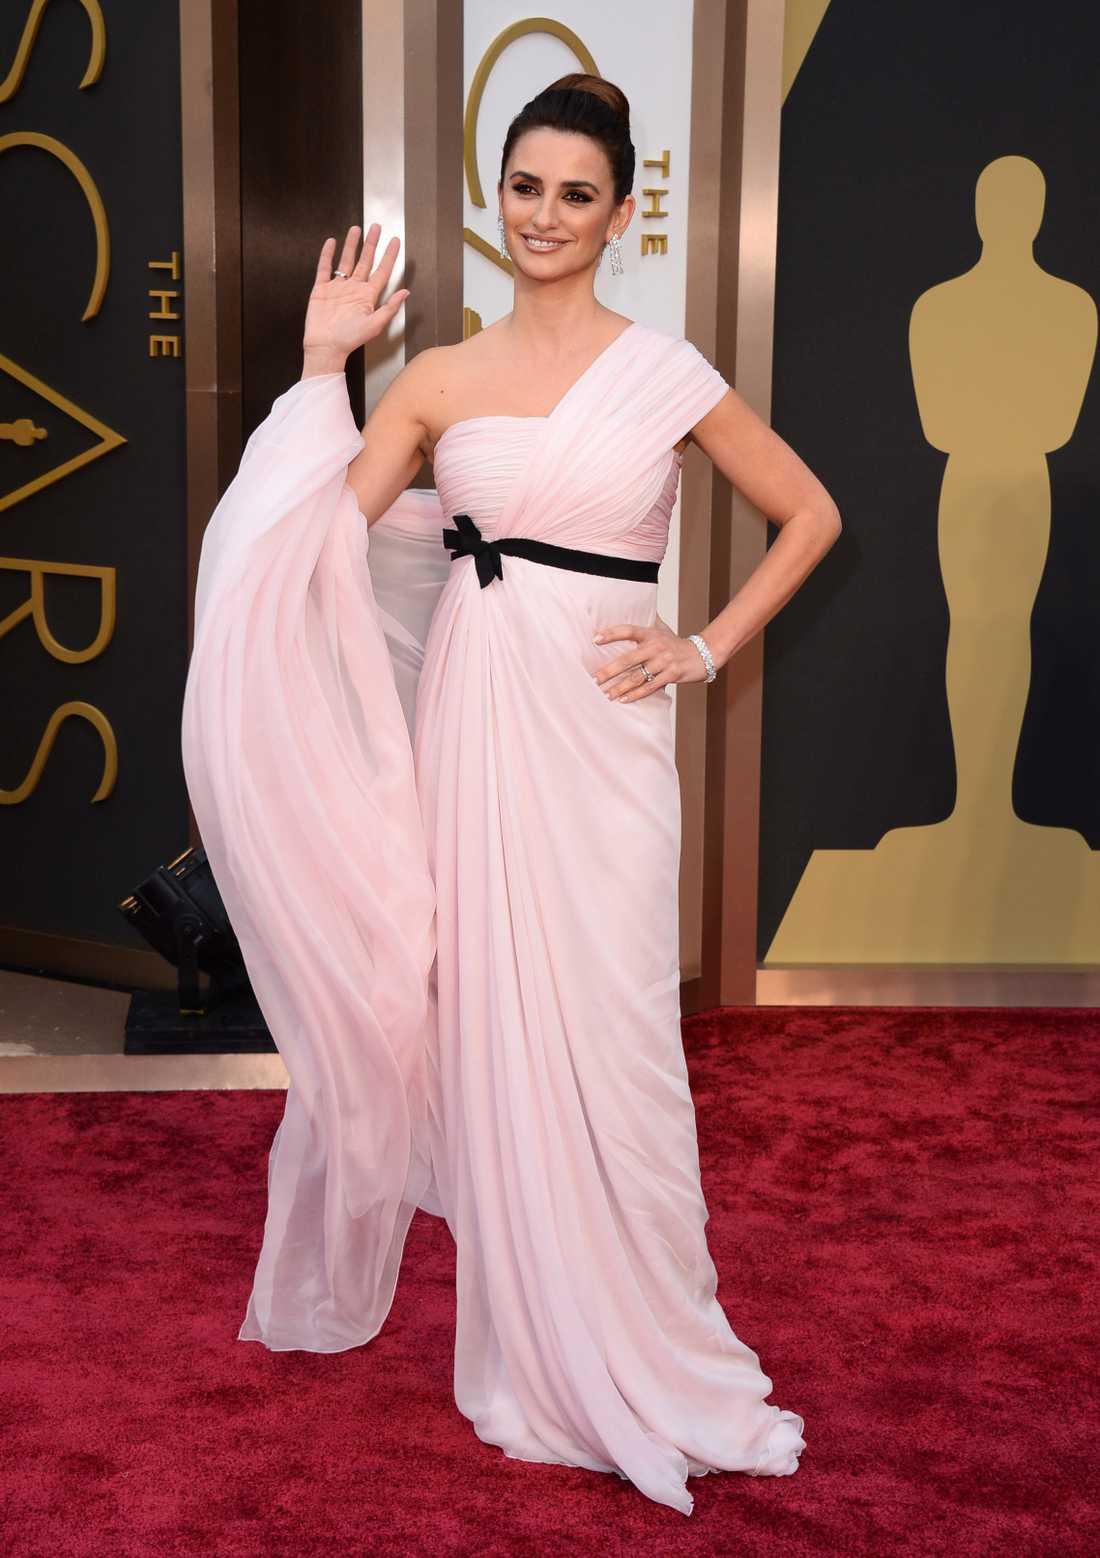 """+ Penelope Cruz: """"Uj. Näe Cruz, det här var inte superläckert. Bebisrosa med ett svart band över magen blandat med en slags grekisk gudinne-design? Jag förstår helt enkelt inte. Bakläxa på det valet från Giambattista Valli."""""""